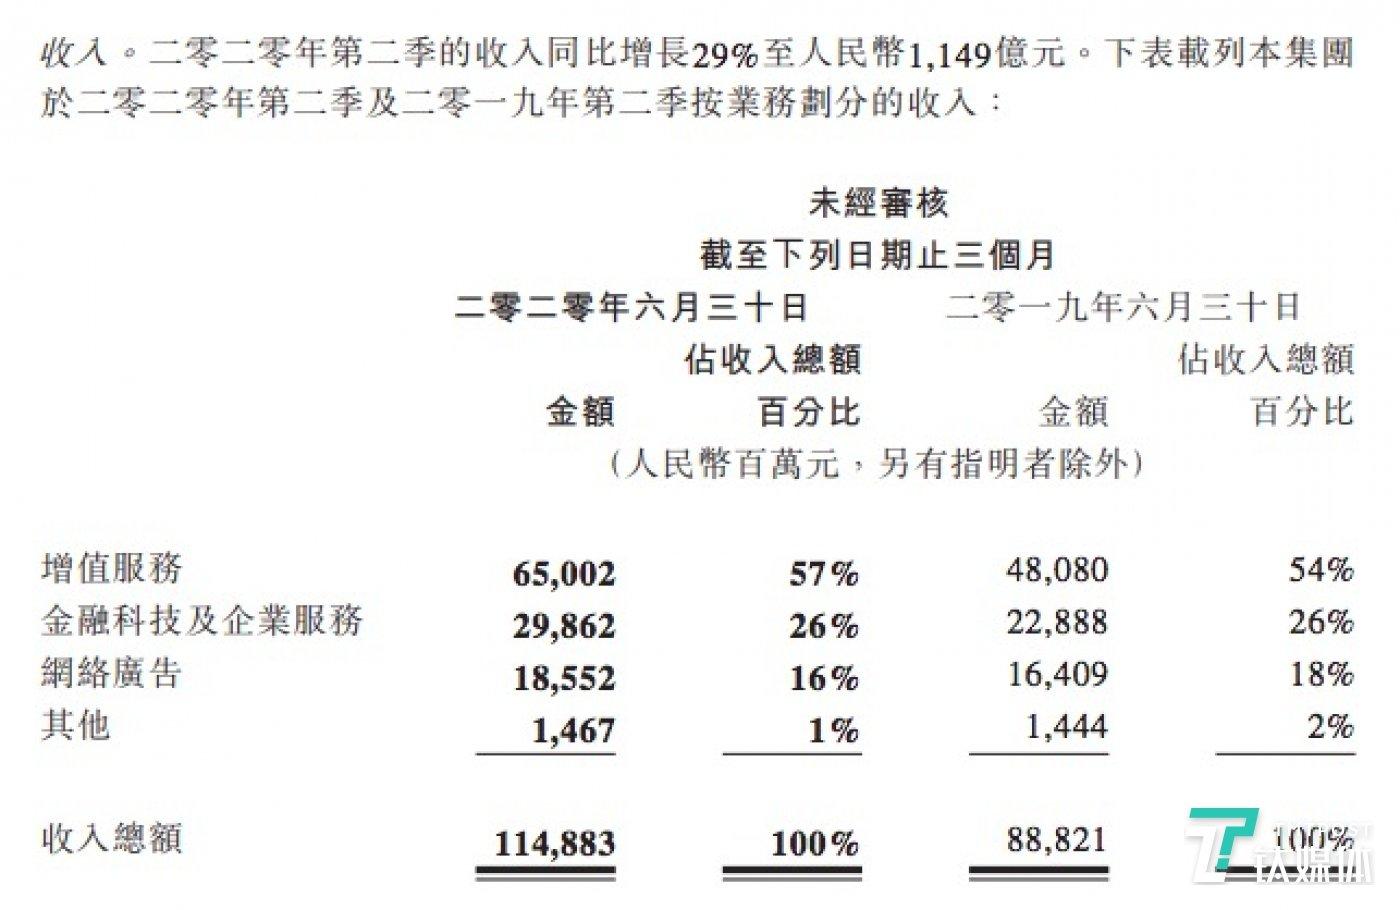 腾讯Q2各业务板块营收概况(来源财报)